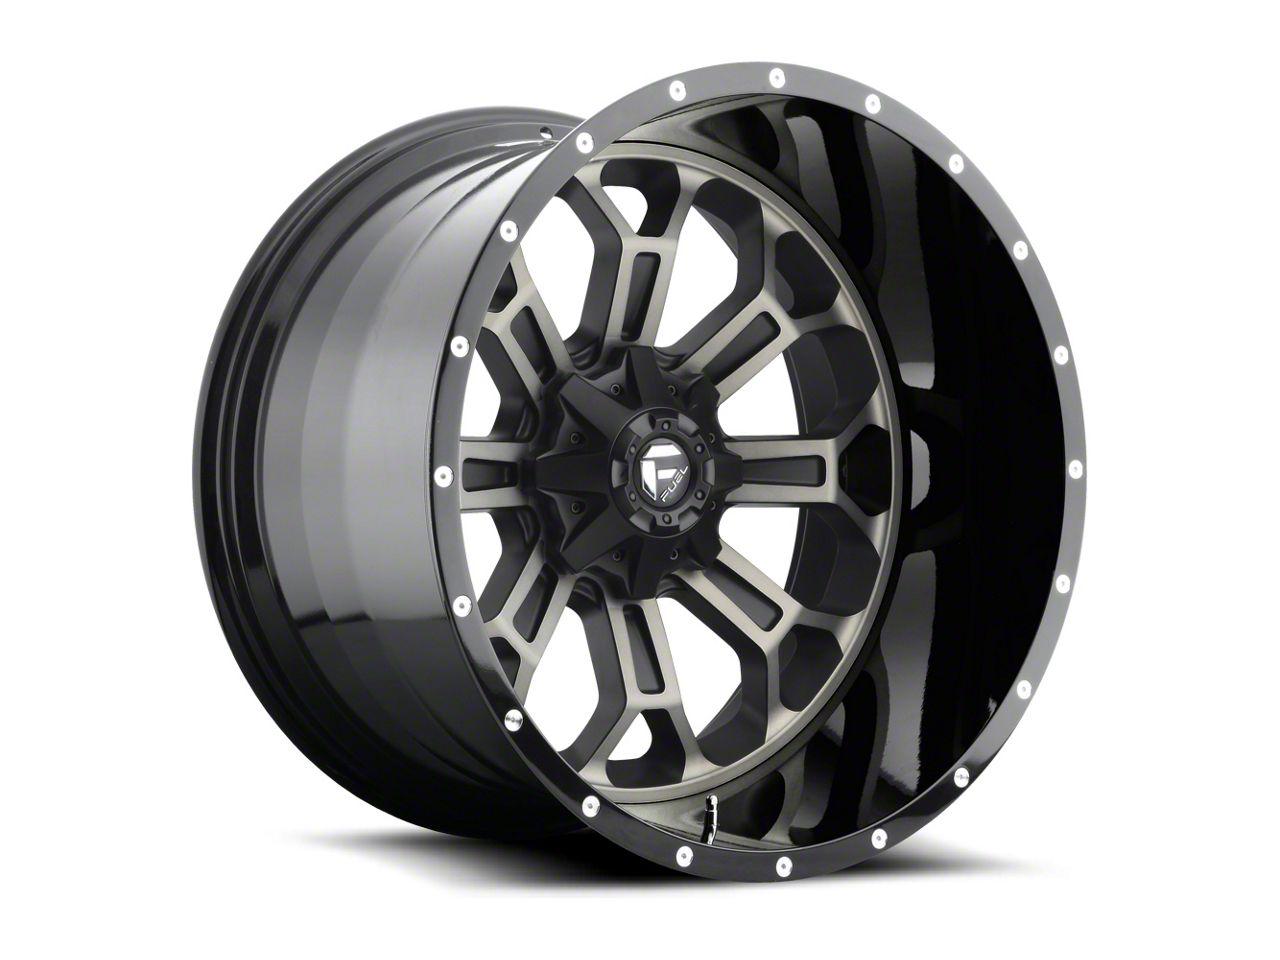 Fuel Wheels Crush Matte Black Machined 6-Lug Wheel - 22x12 (04-18 F-150)